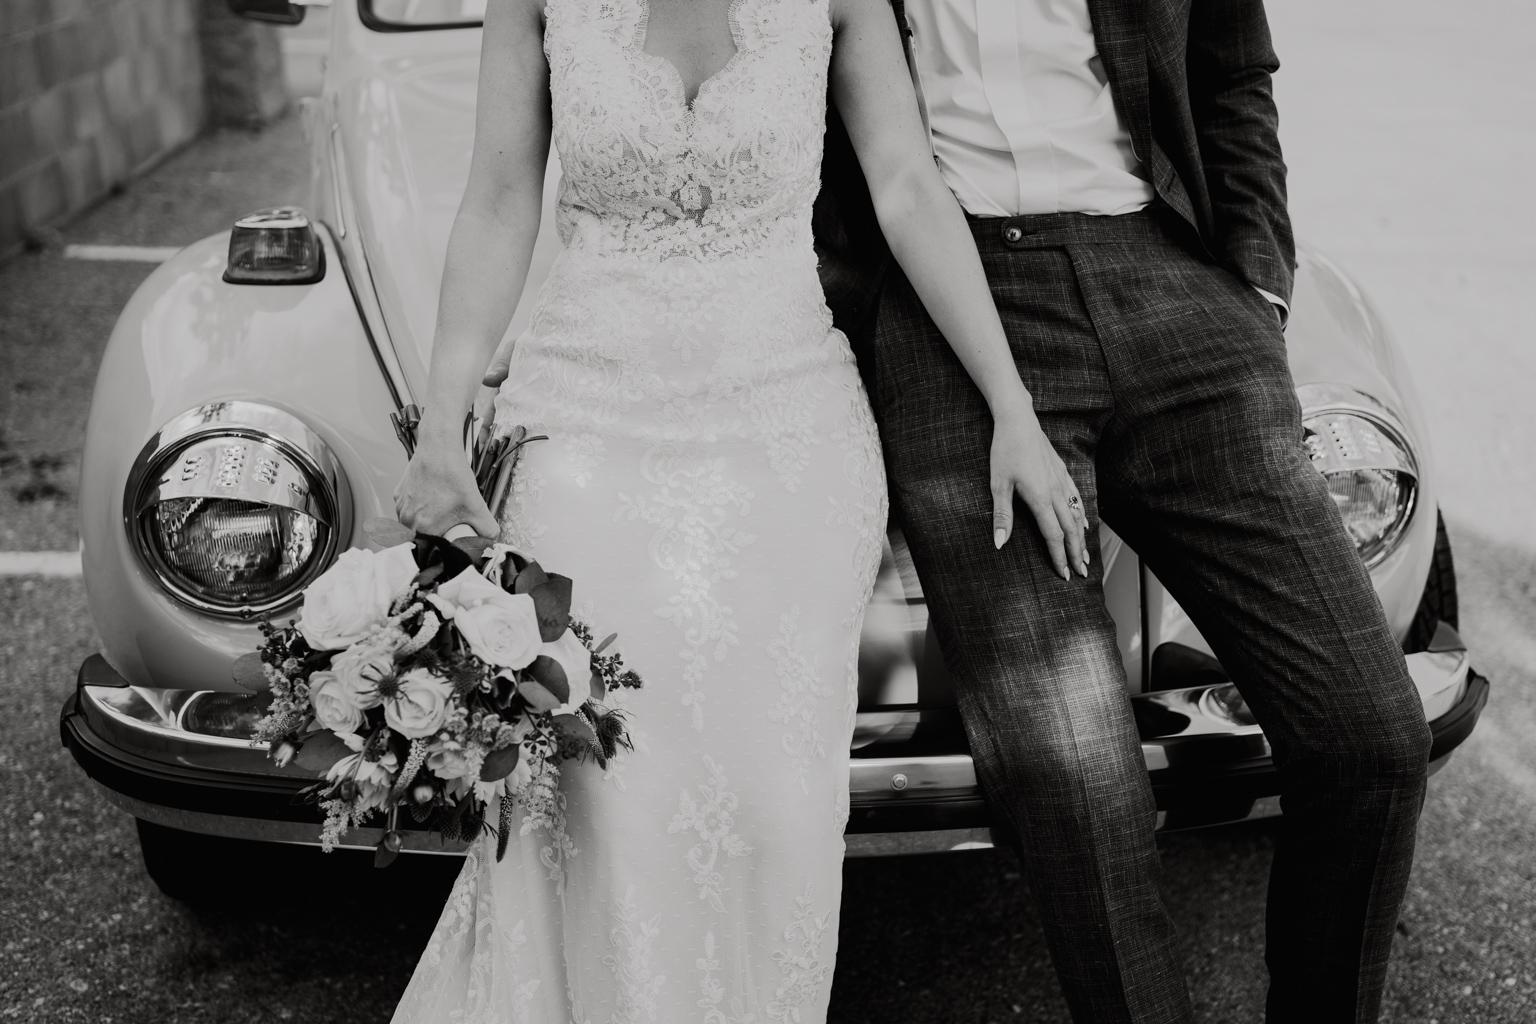 trouweninhetbuitenland_huwelijksfotografie_roxannedankers-55.jpg